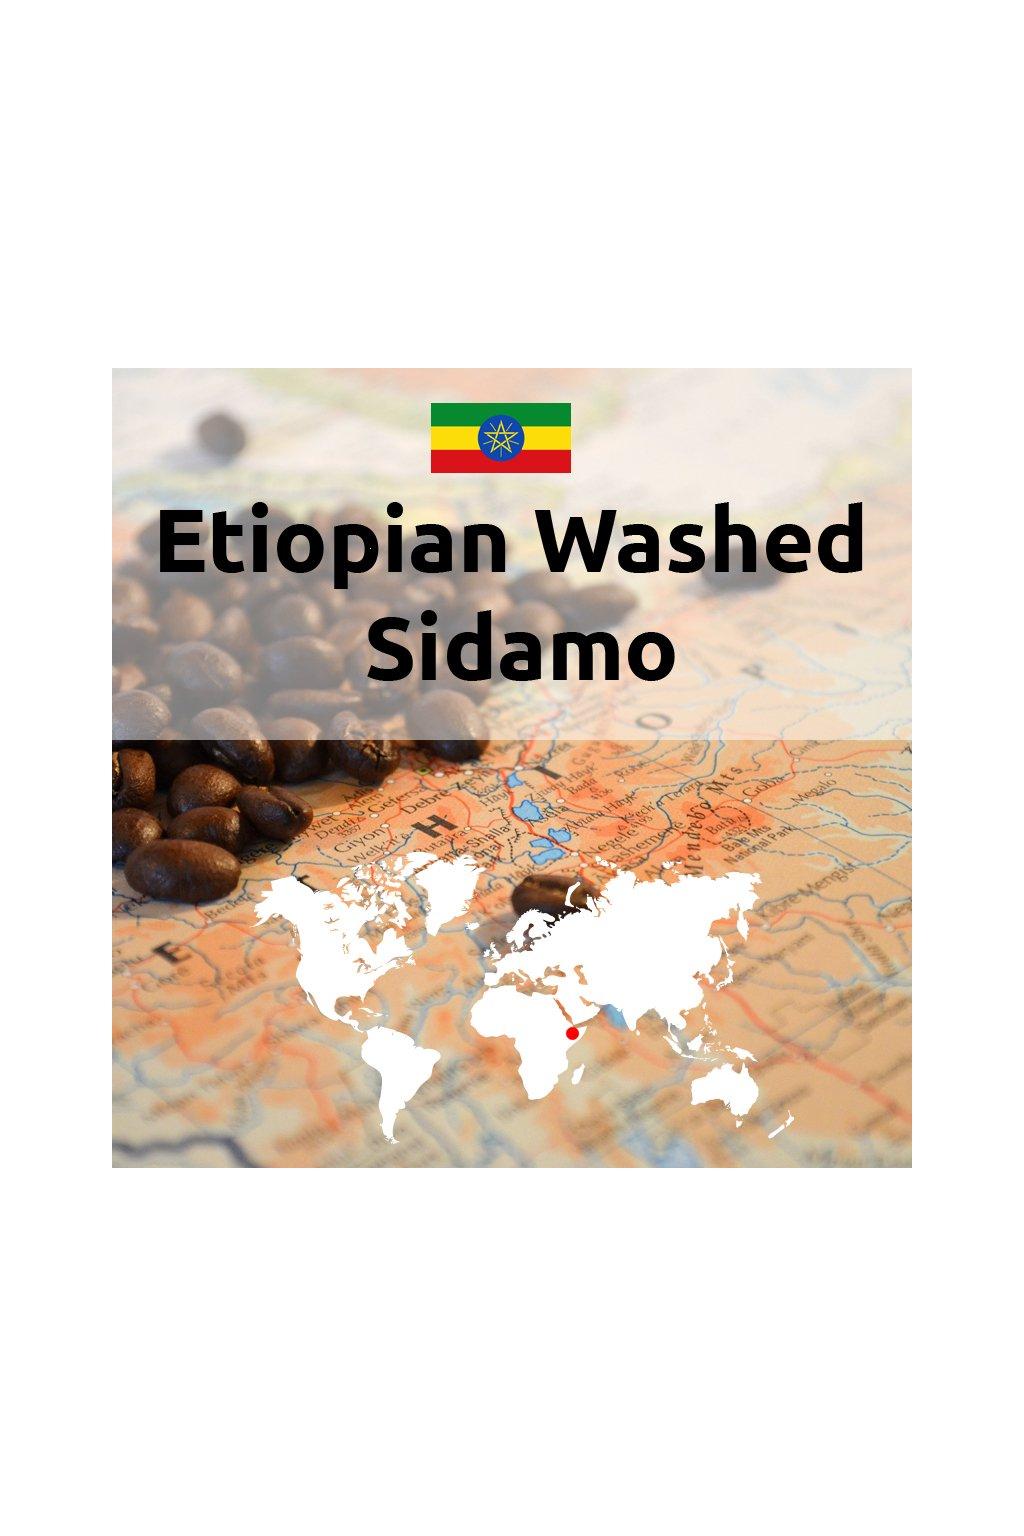 Etiopian Washed Sidamo